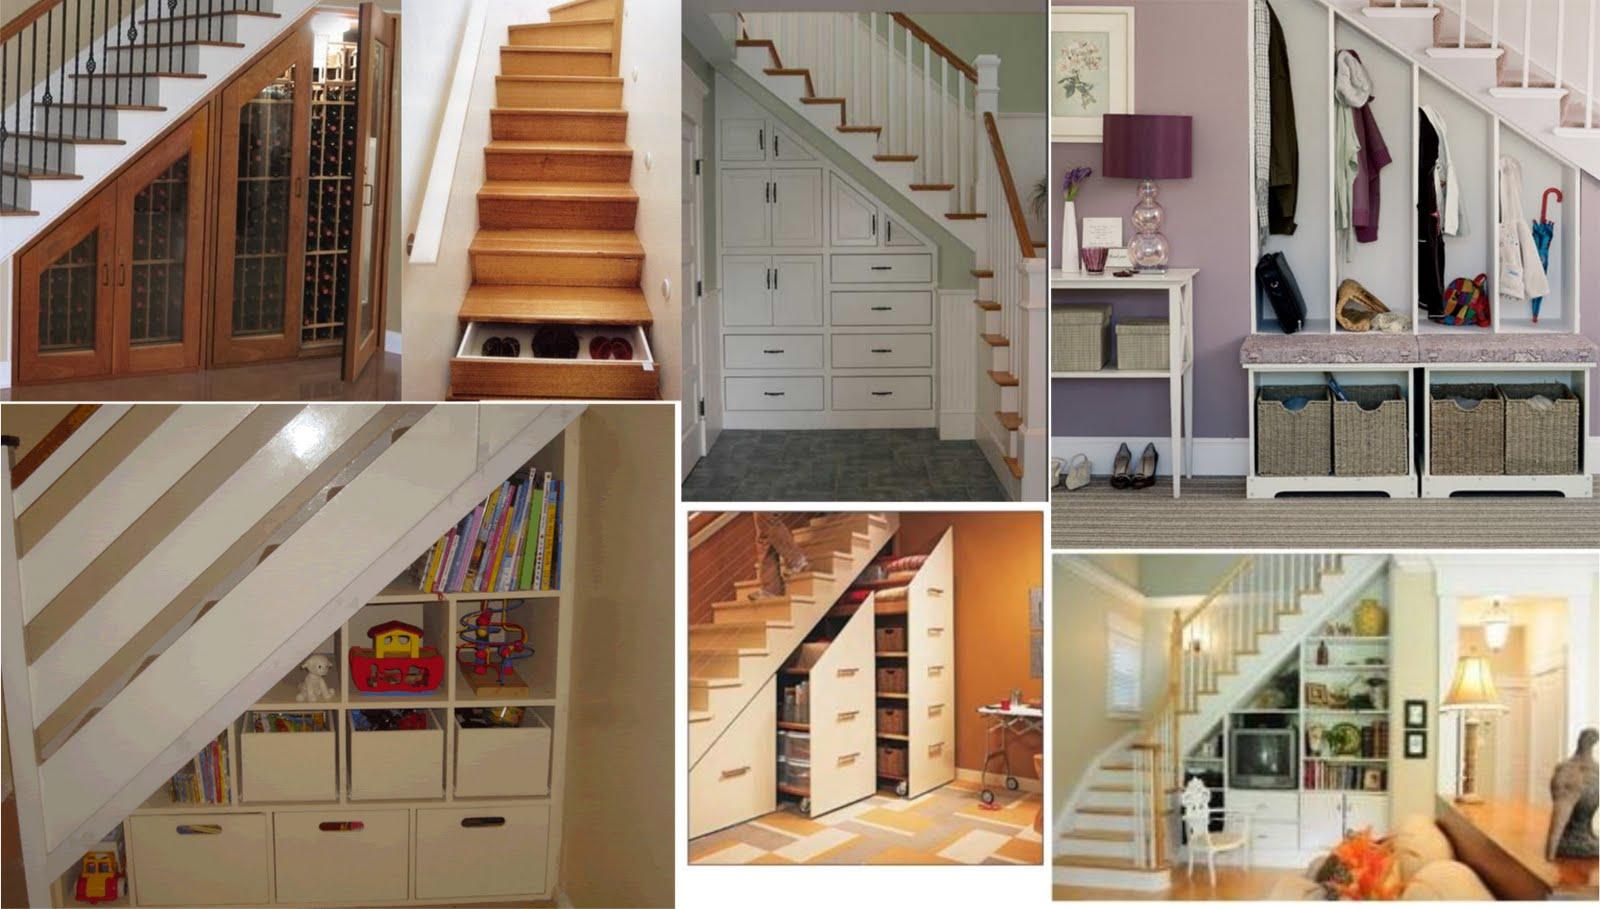 memanfaatkan ruang kosong di bawah tangga | rumah 123